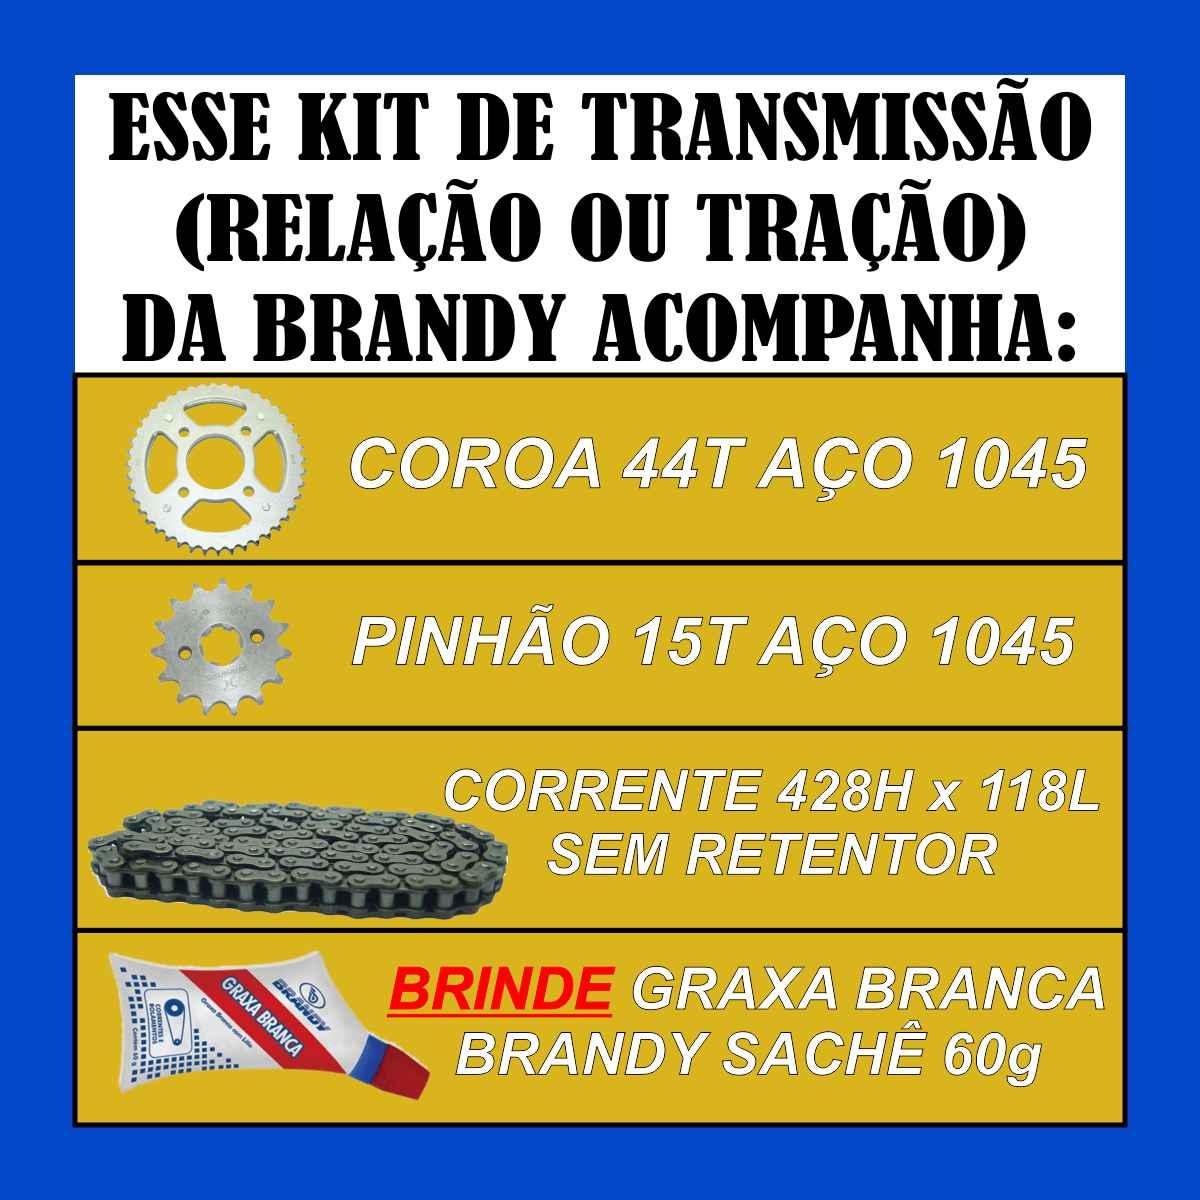 KIT DE TRANSMISSÃO RELAÇÃO MOTO CG TITAN FAN CARGO START 160 DE TRAÇÃO AÇO 1045 + GRAXA SACHÊ 60g